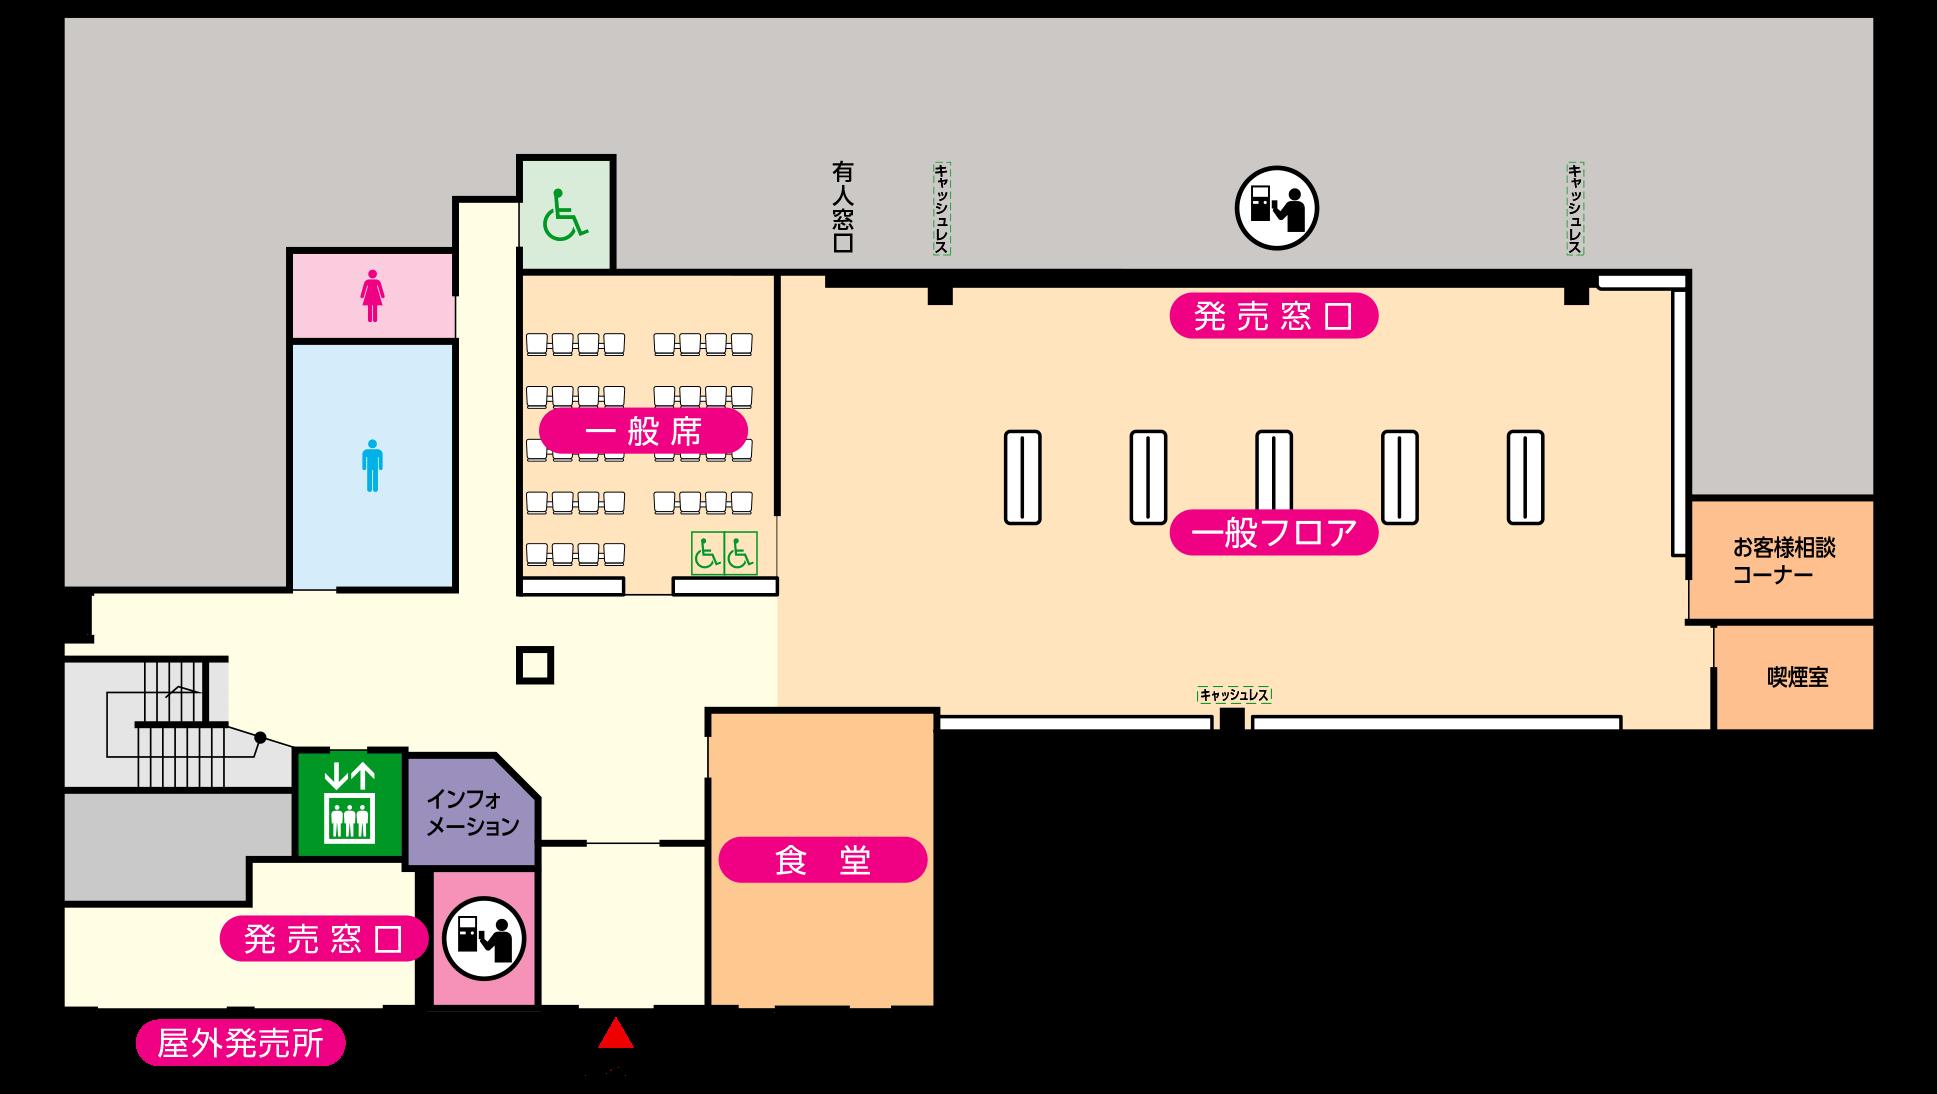 1階の店内マップ